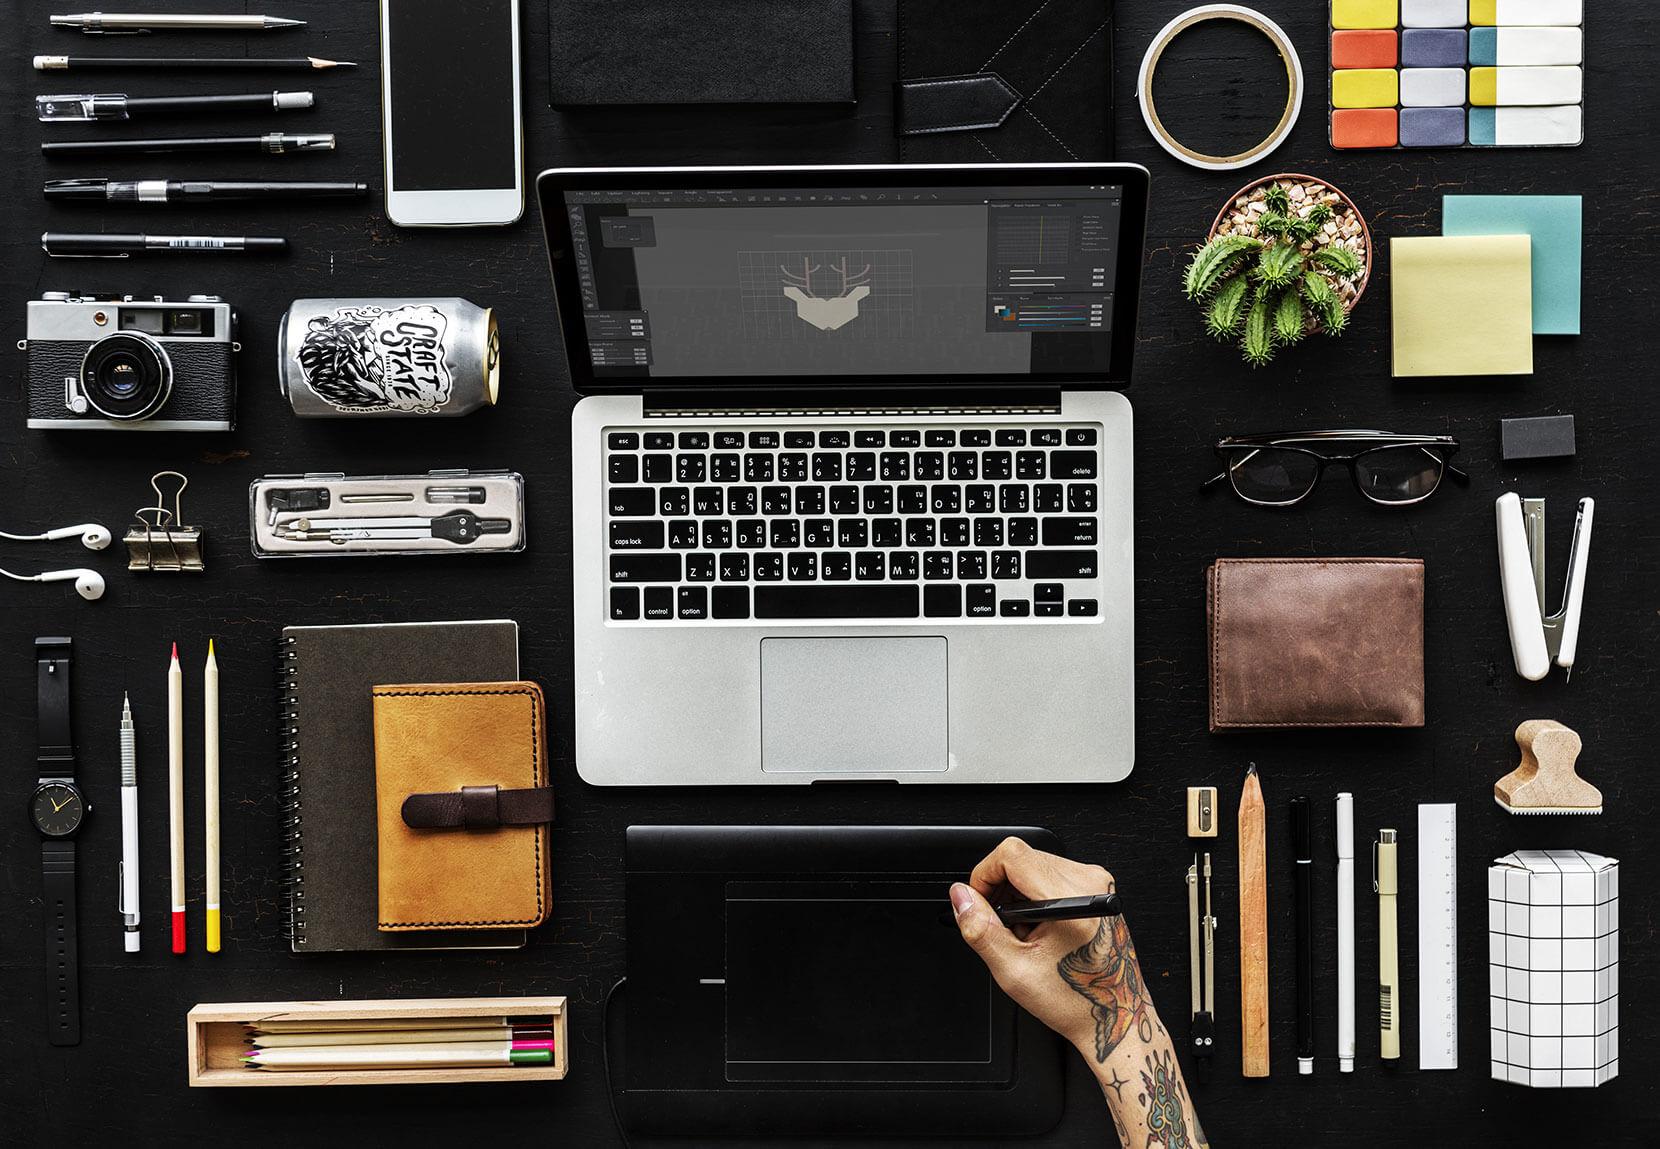 รับดูแลเว็บไซต์ รับดูแลเว็บไซต์โดนทิ้ง ดูแลเว็บไซต์ ออกแบบเว็บไซต์